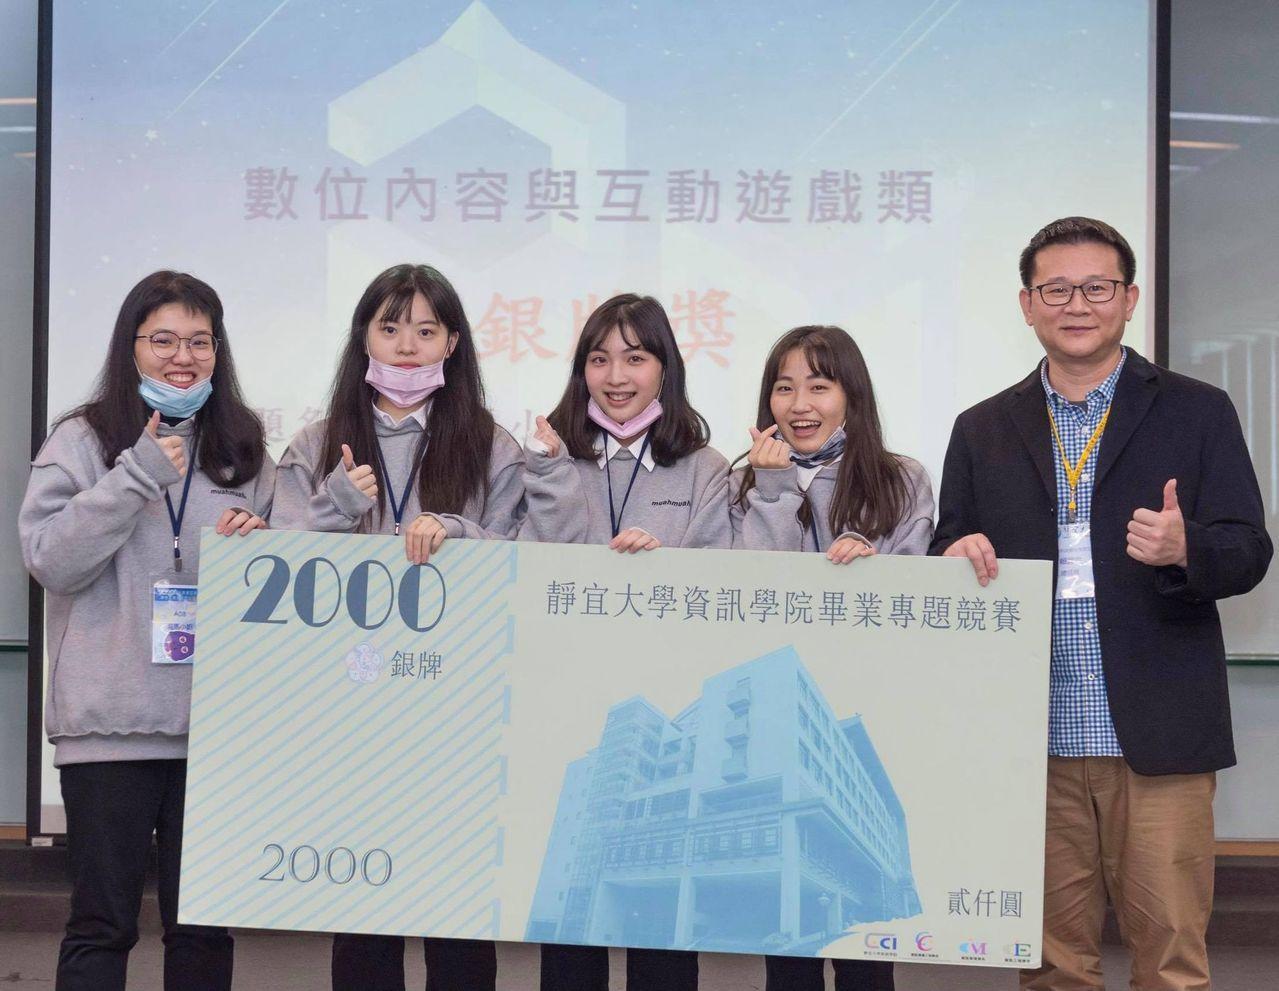 蕭文芃(左三)、李佩諭(左一)和同學製作專題獲畢業專題競賽獎。圖/蕭文芃提供